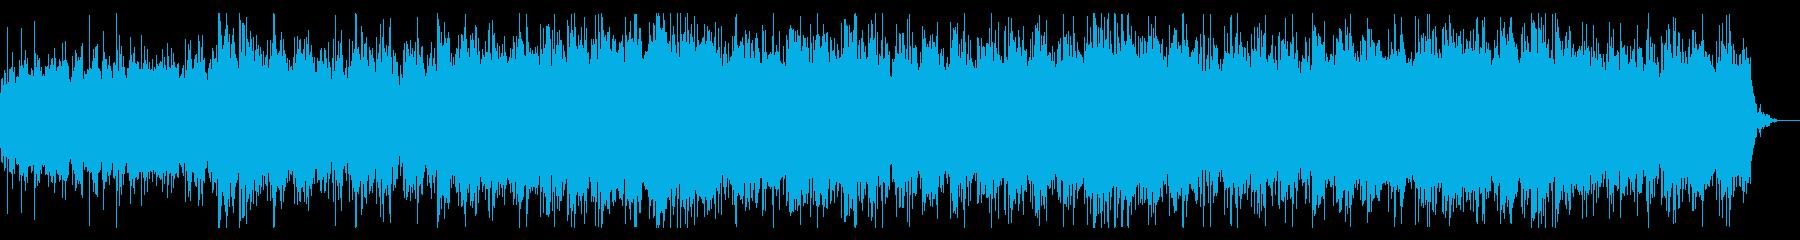 スパニッシュでダークテクスチャの再生済みの波形